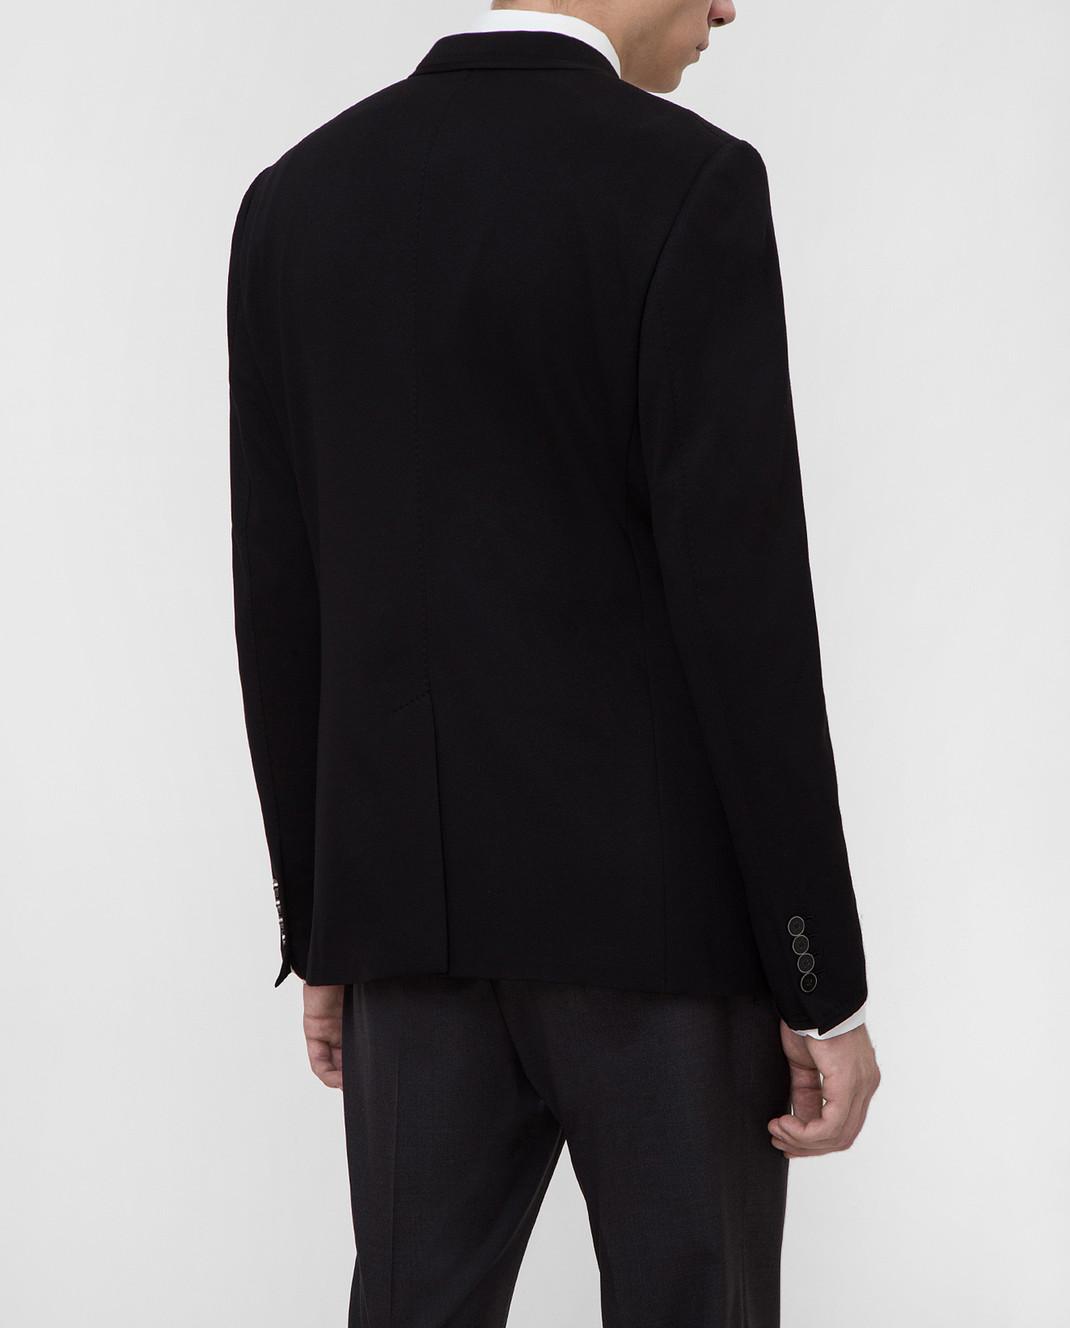 Dolce&Gabbana Черный пиджак G2MR5TFUGI2 изображение 4